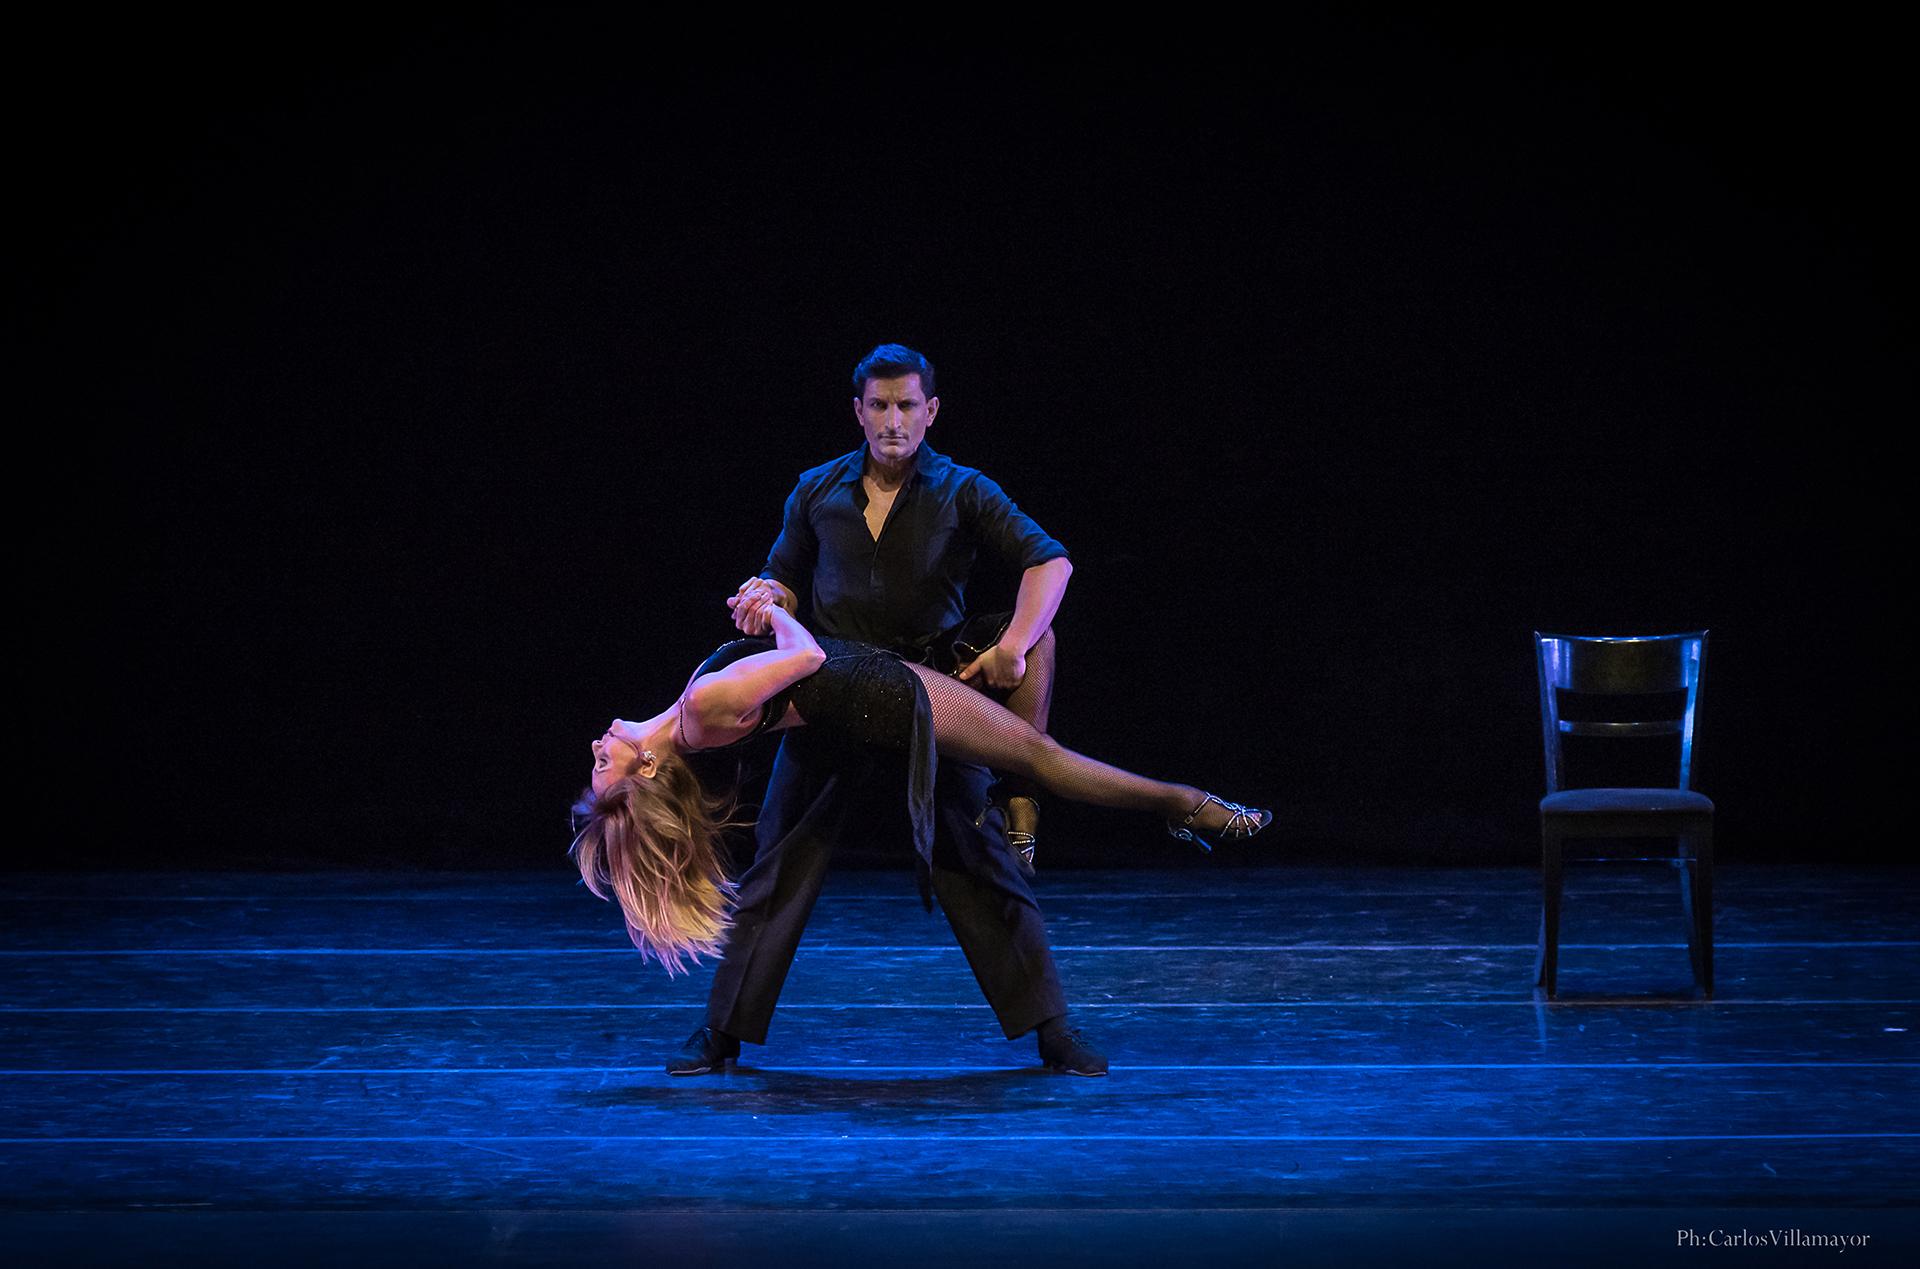 Eleonora Cassano junto al bailarín Sebastián Acosta, al ritmo de Astor Piazzola